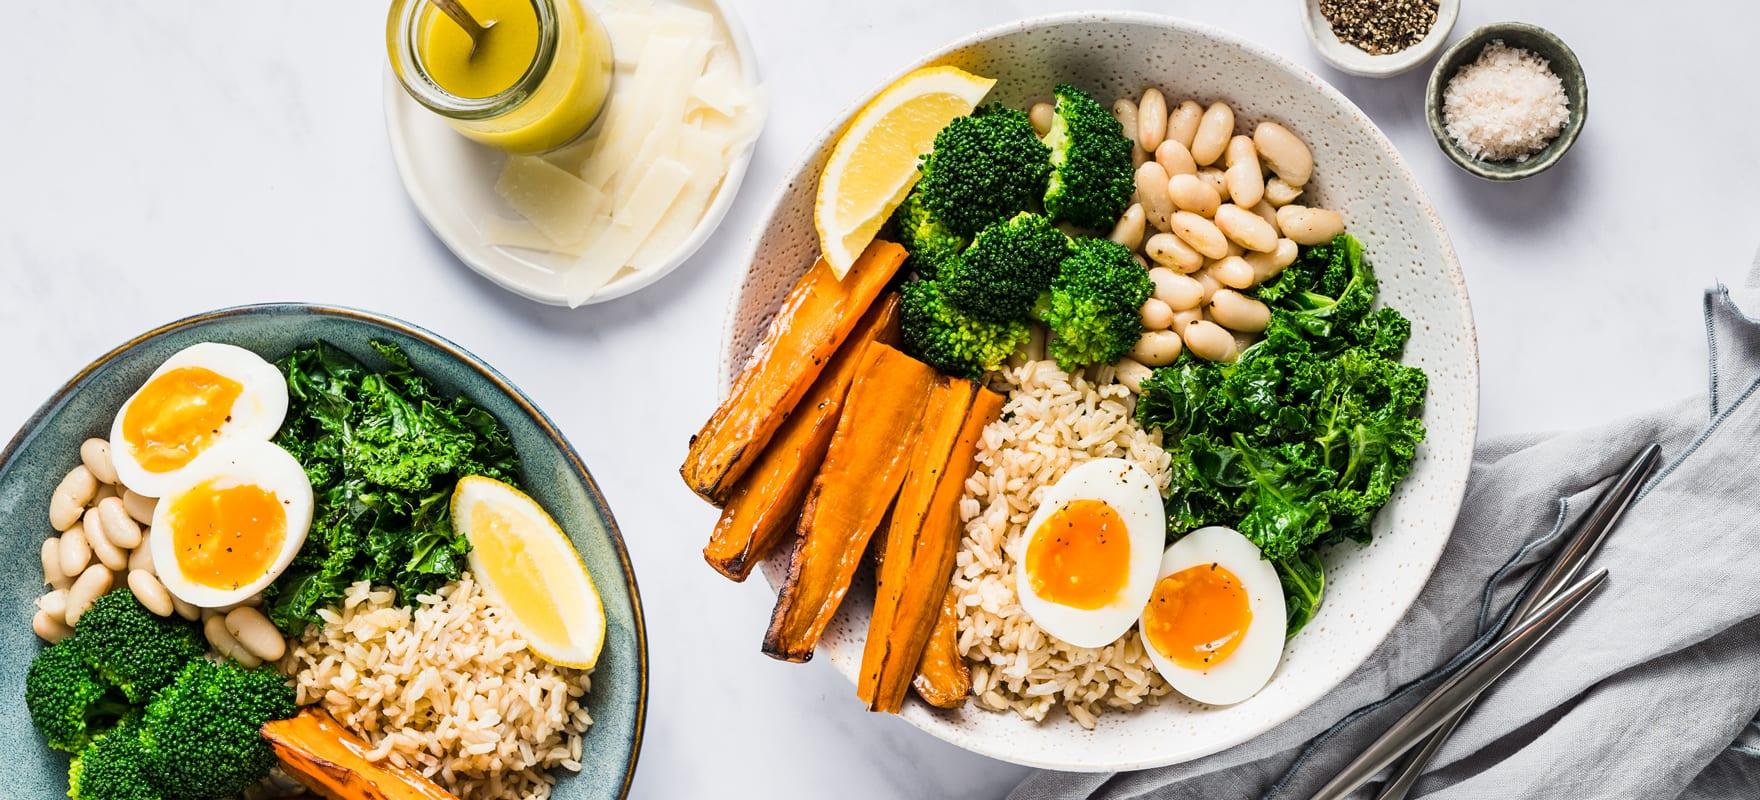 Vegetarian Nourish Bowl image 1